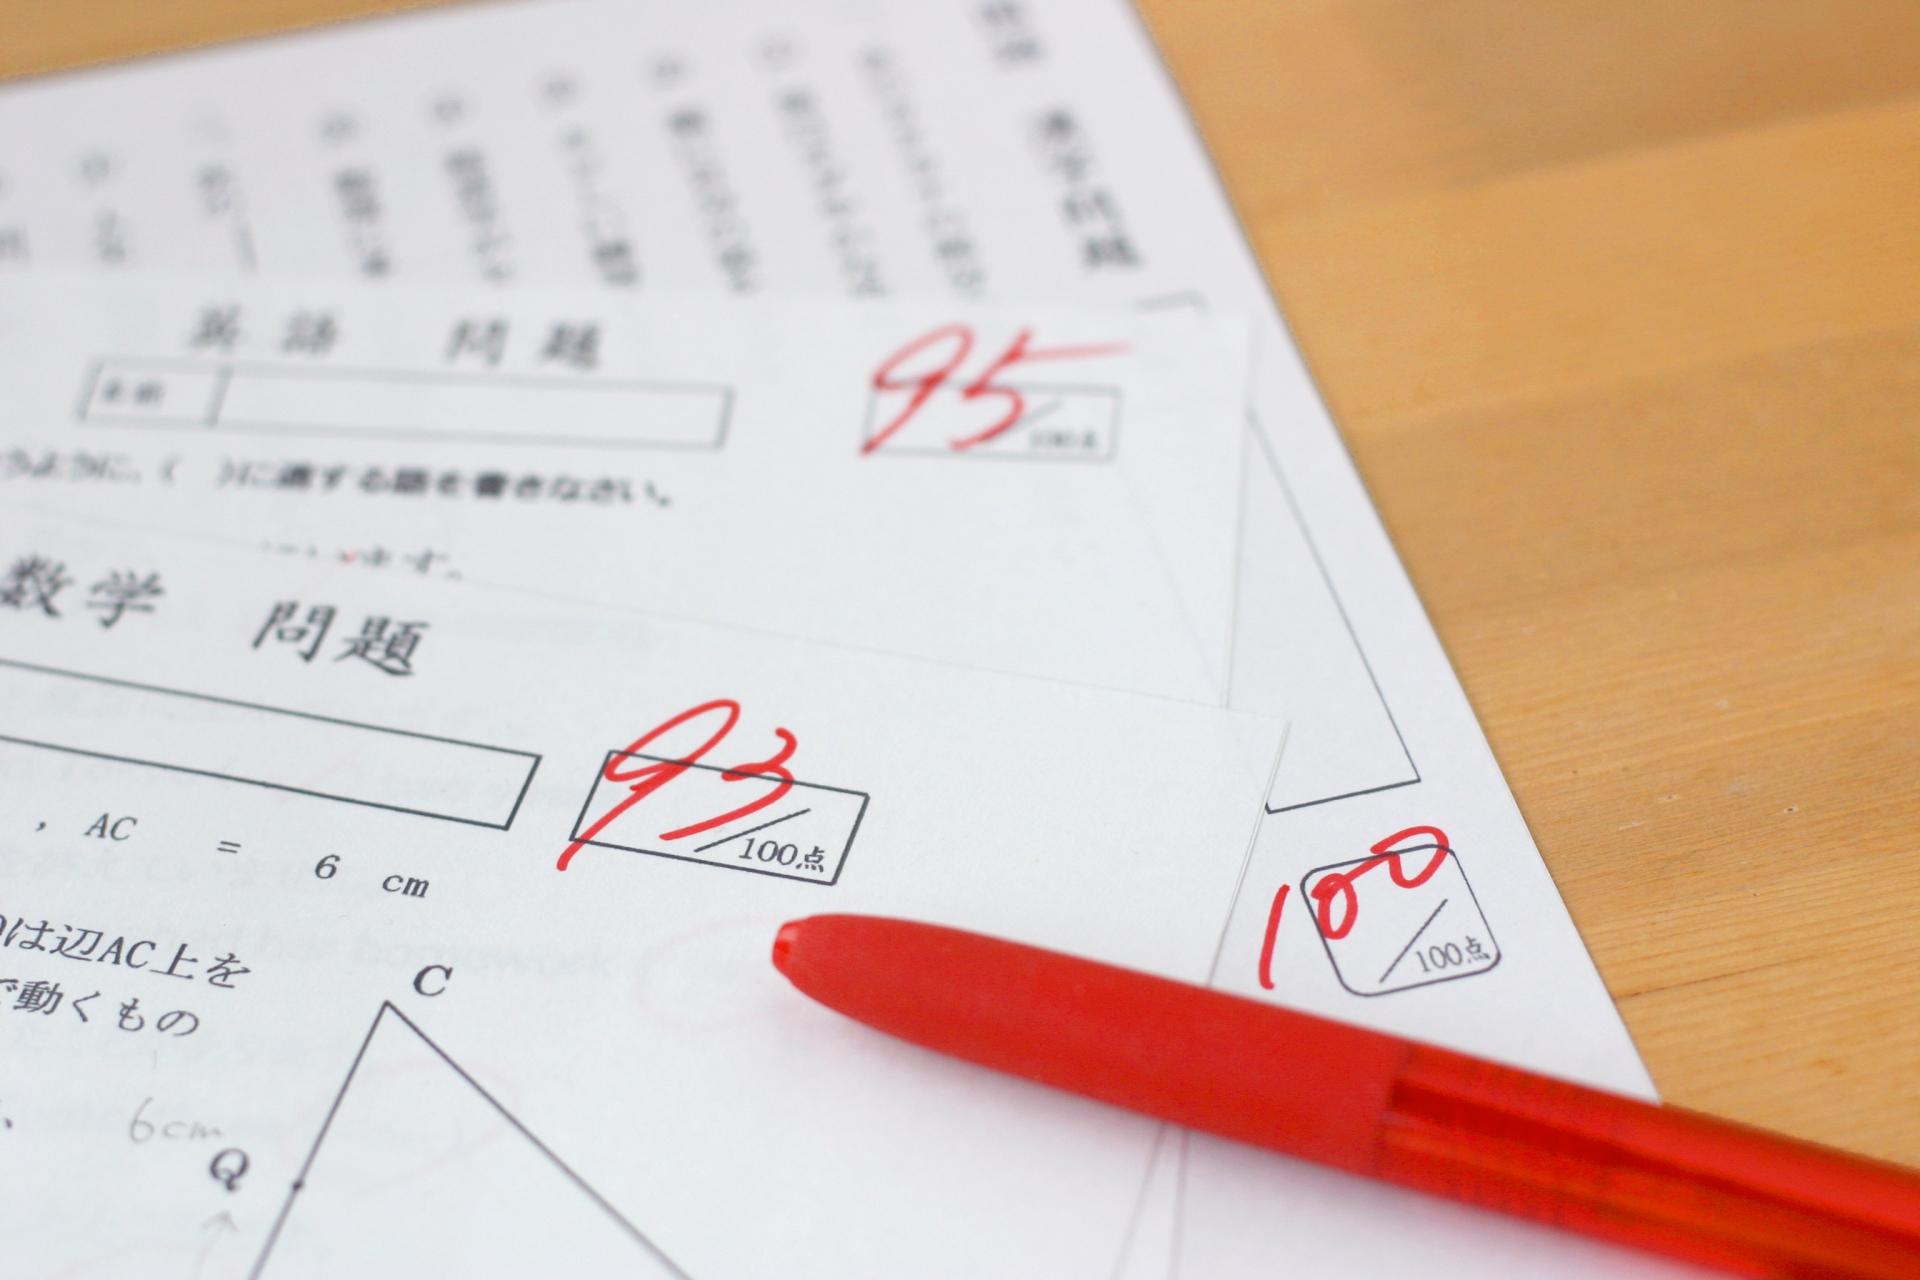 中学 定期 テスト 問題 集 無料